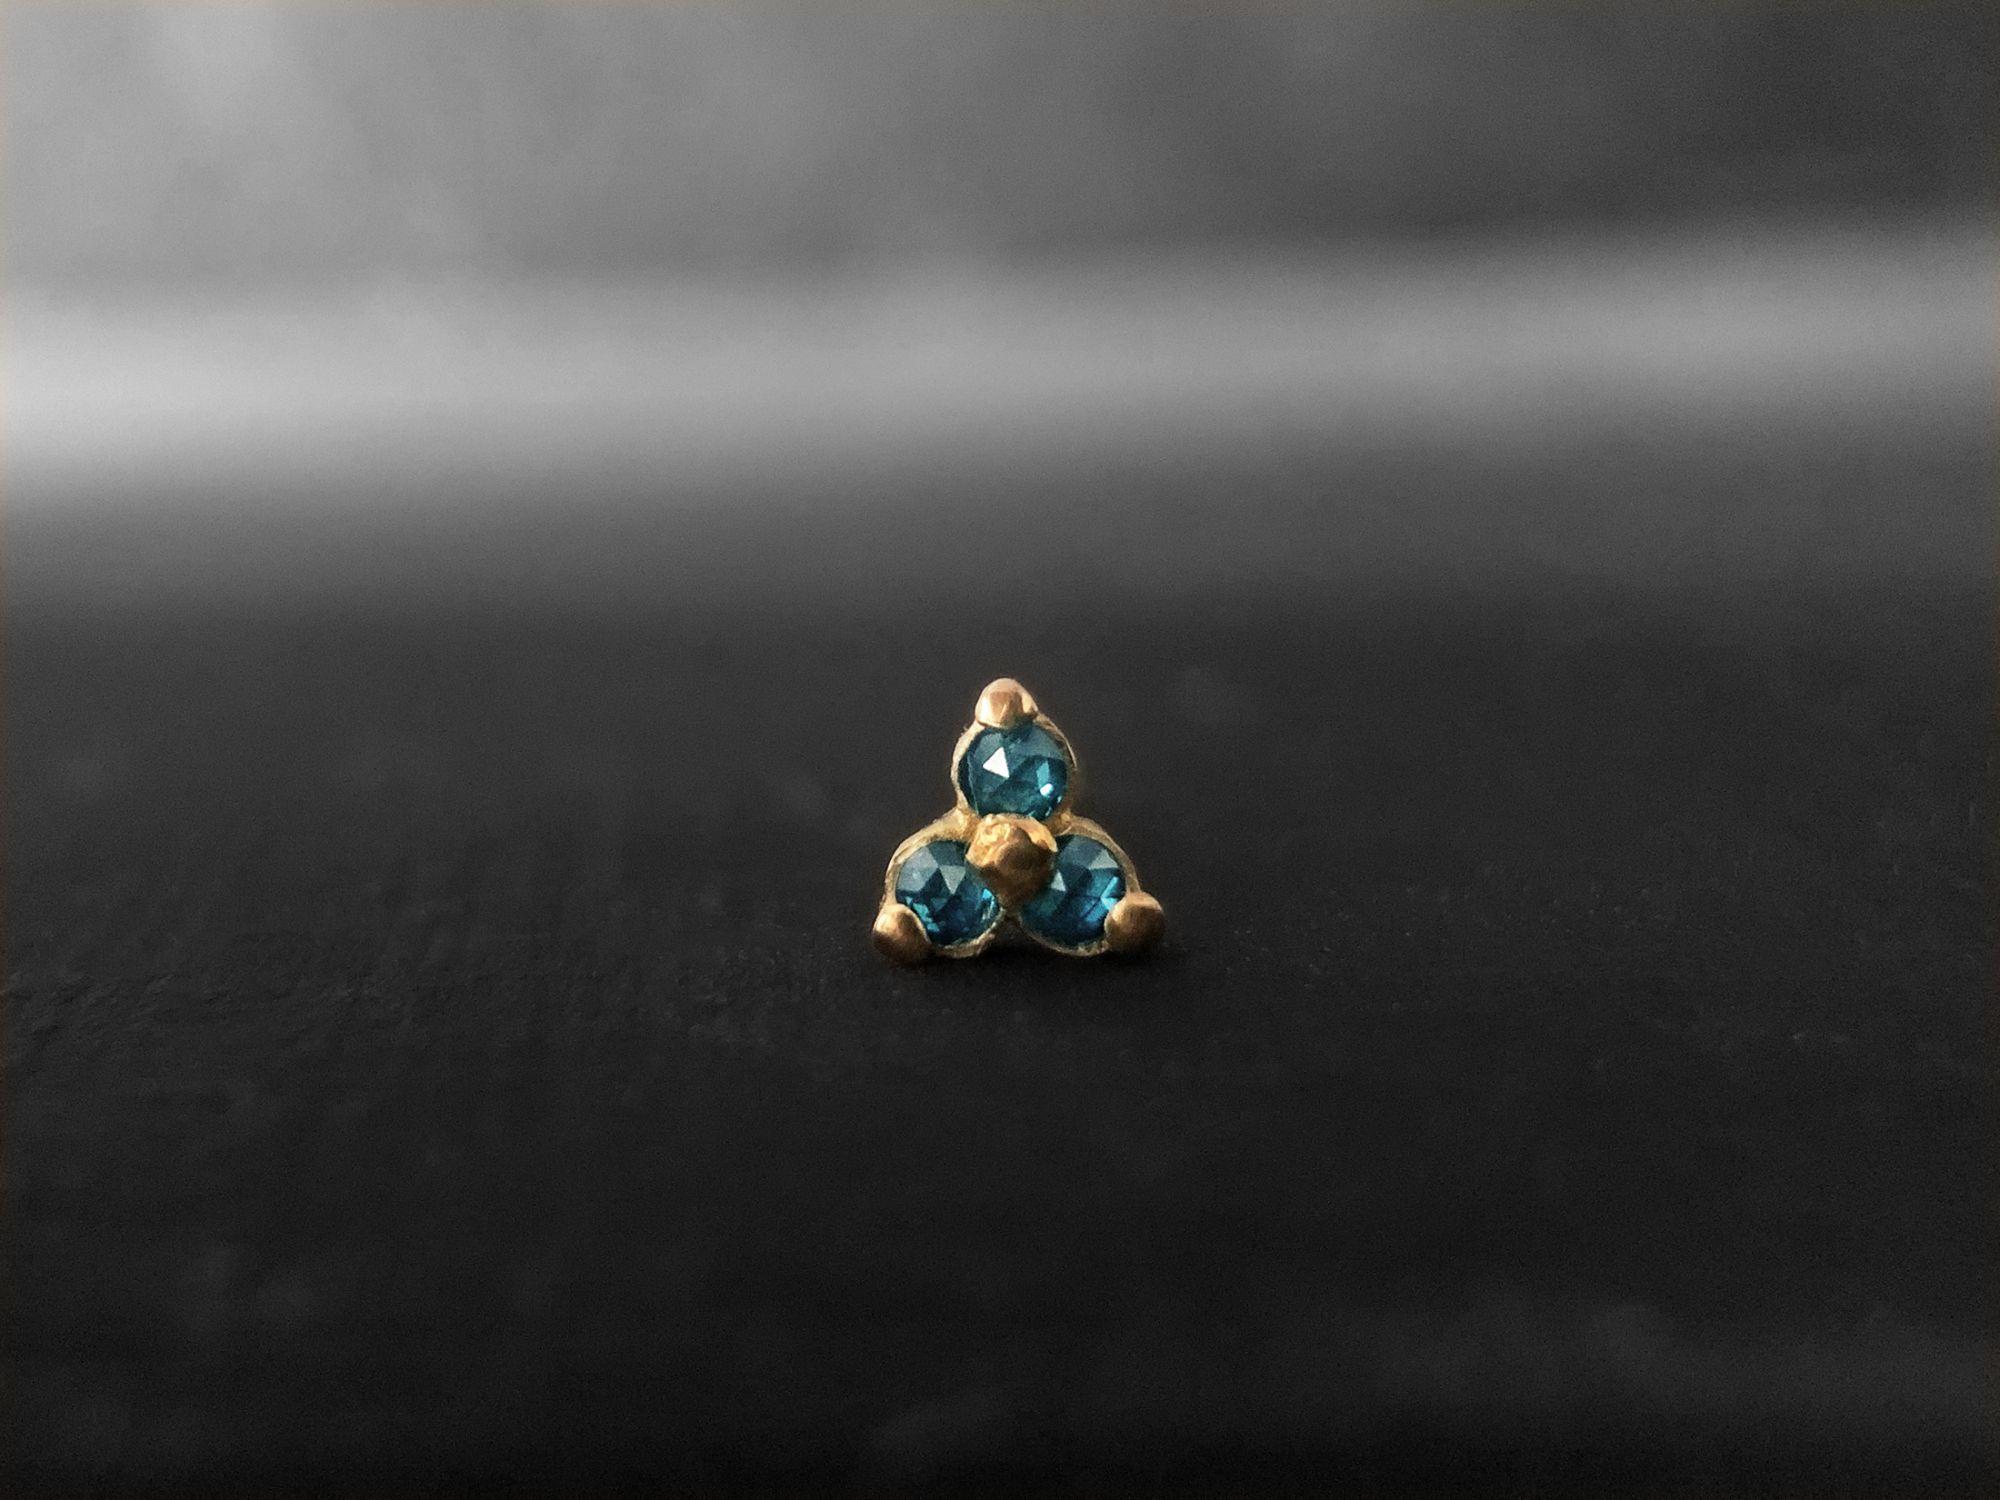 Clover blue diamonds mini stud earring by Emmanuelle Zysman